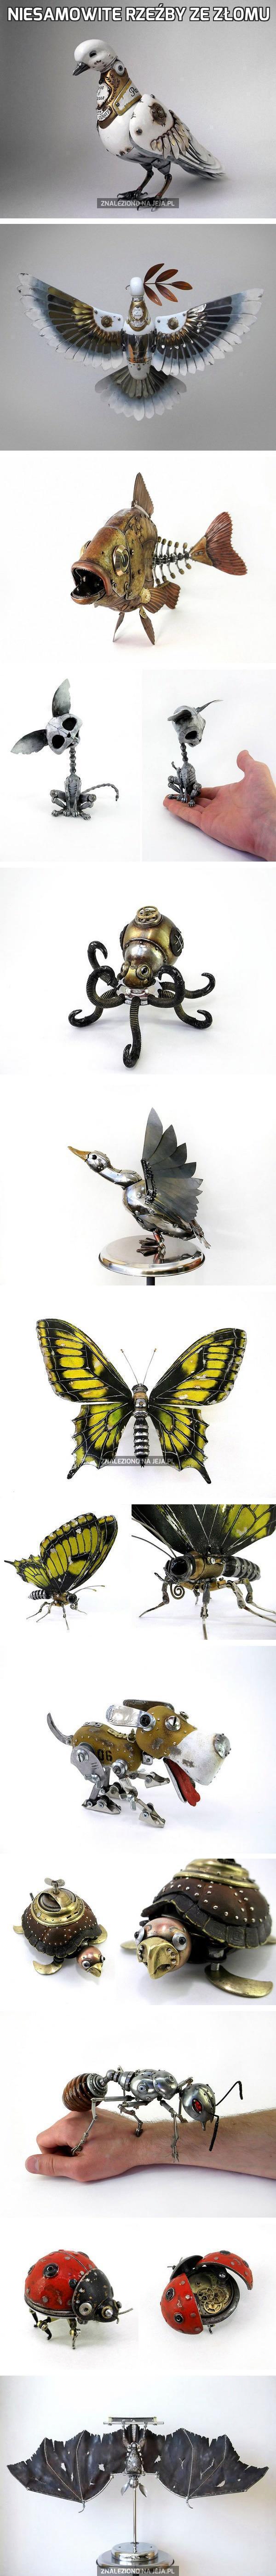 Niesamowite rzeźby ze złomu